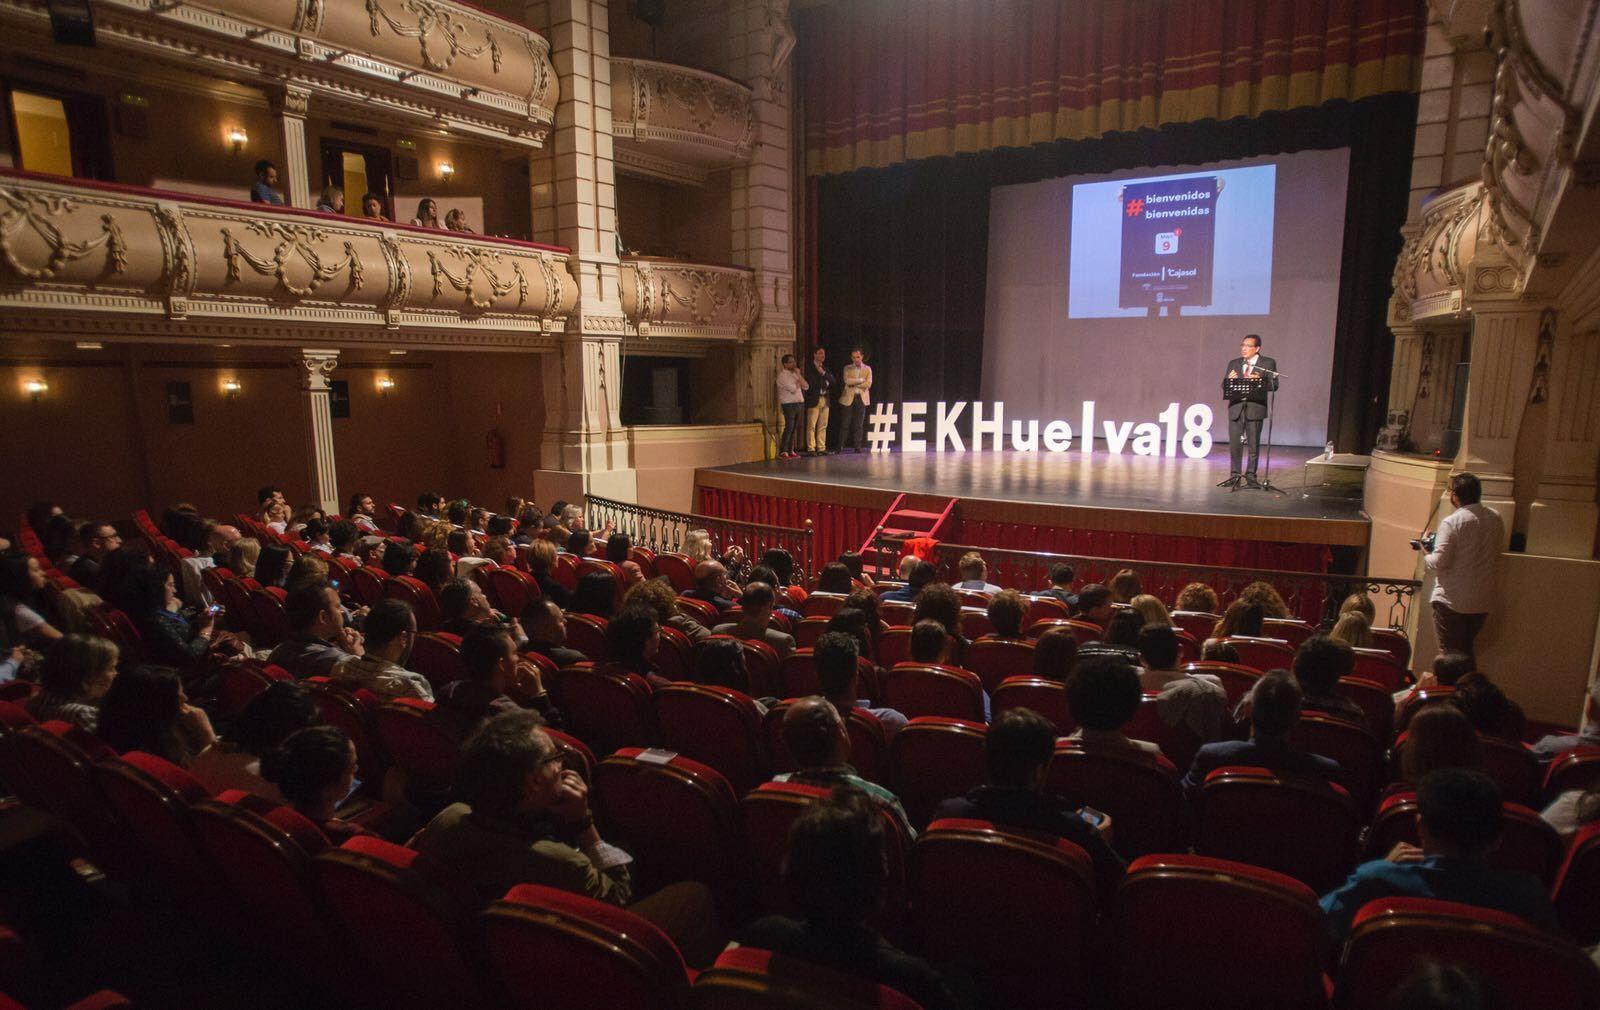 El acto de clausura del Espacio Knowmads estuvo presidido por el presidente de la Fundación Cajasol, Antonio Pulido, que estuvo acompañado por el delegado territorial de Economía, Innovación, Ciencia y Empleo, Manuel Ceada; y el concejal de Empleo, Desarrollo Económico y Proyectos del Ayuntamiento de Huelva, Jesús Bueno.